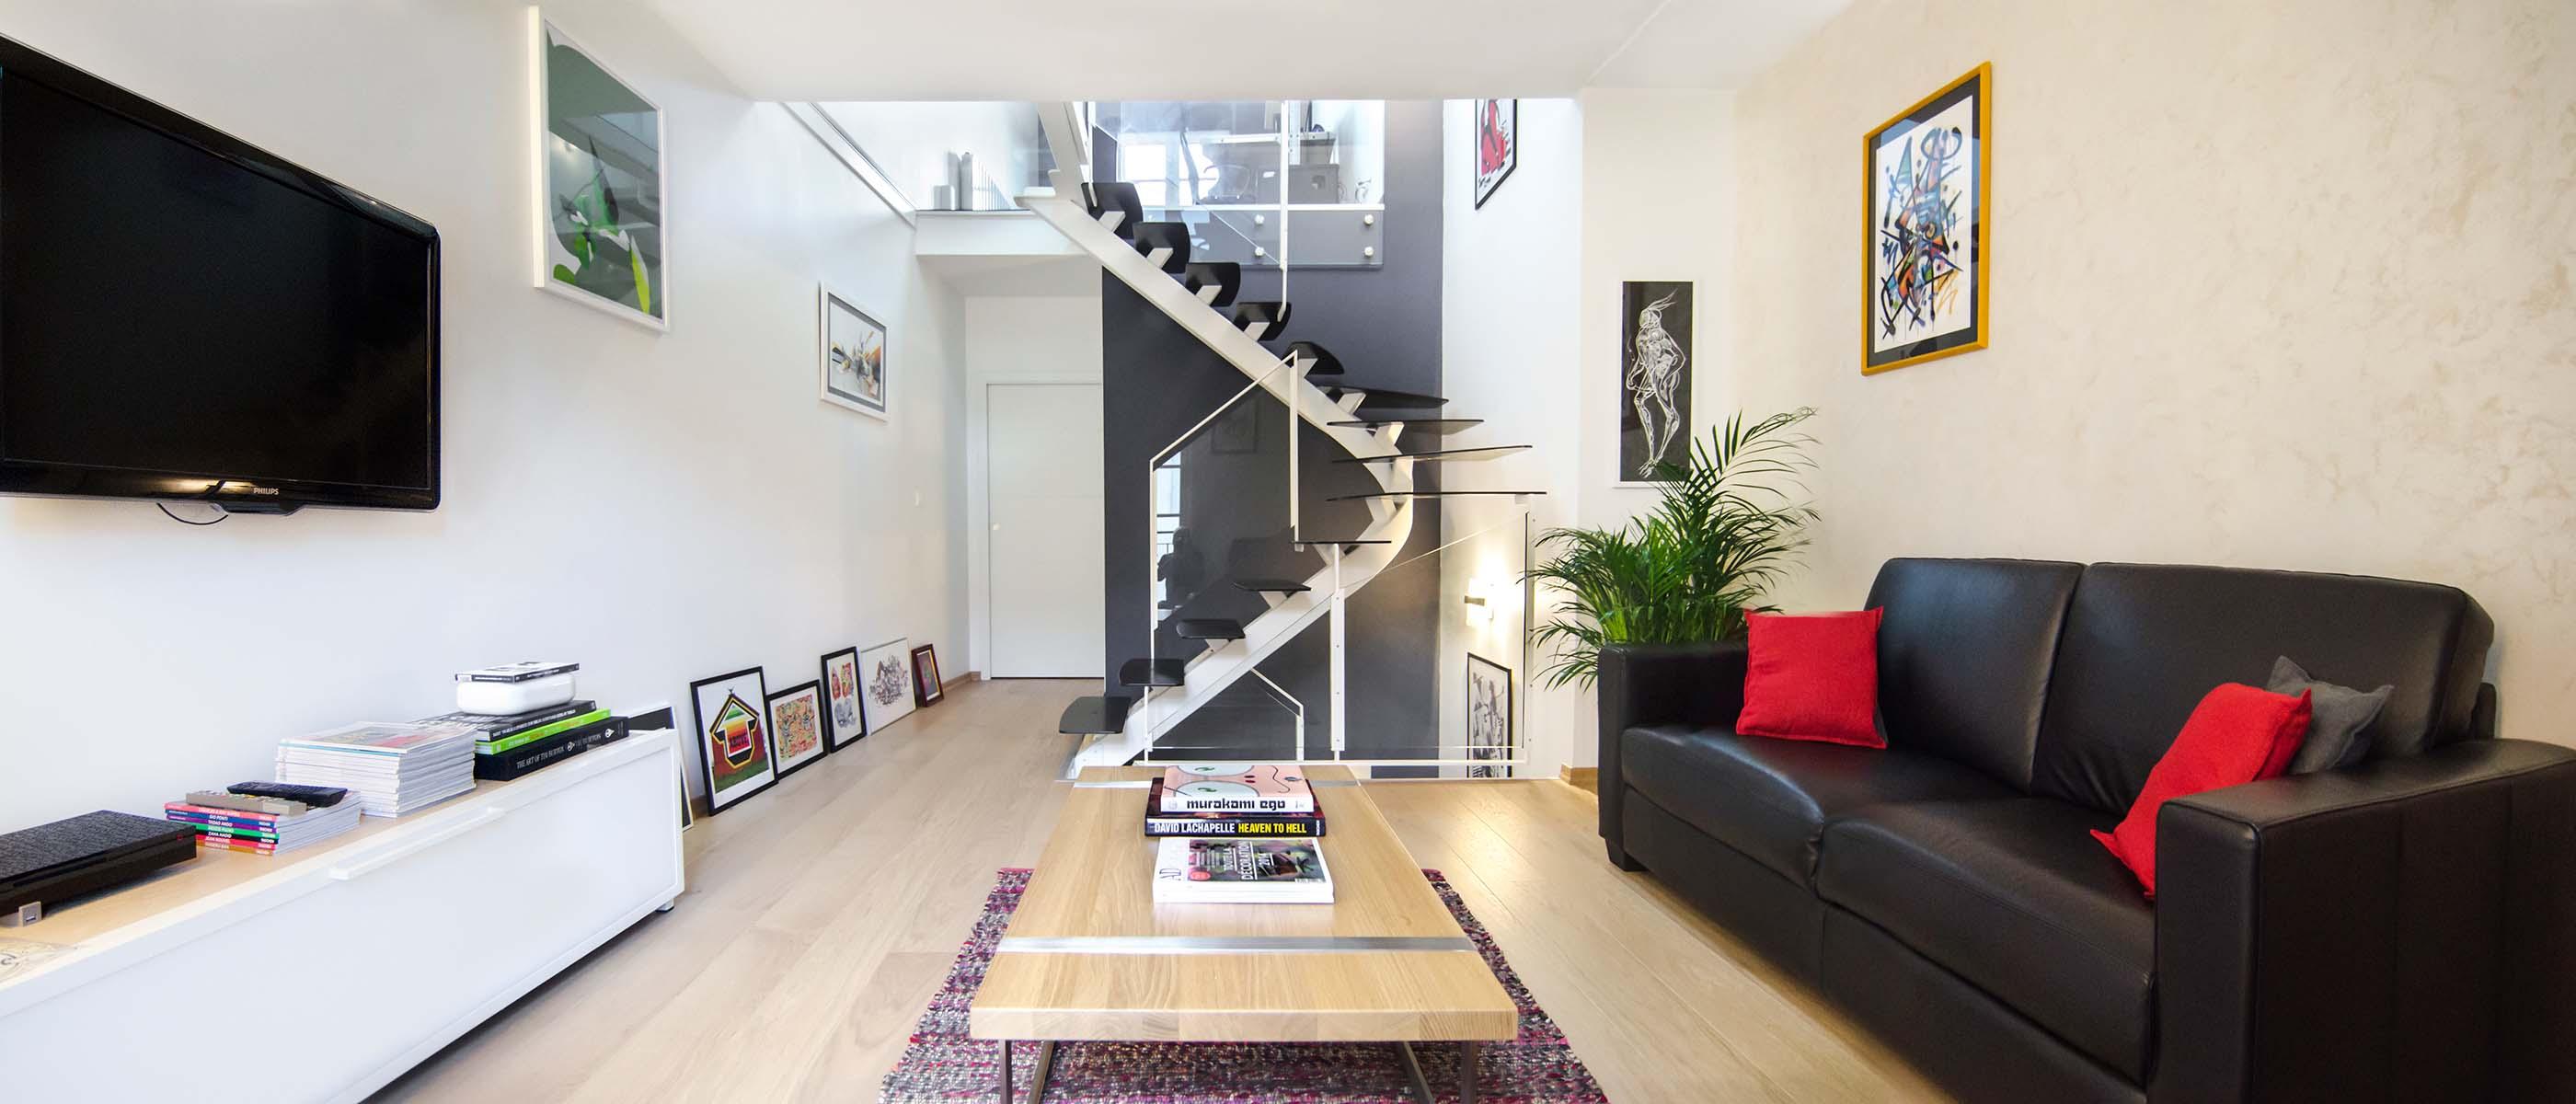 Escalier-slider2